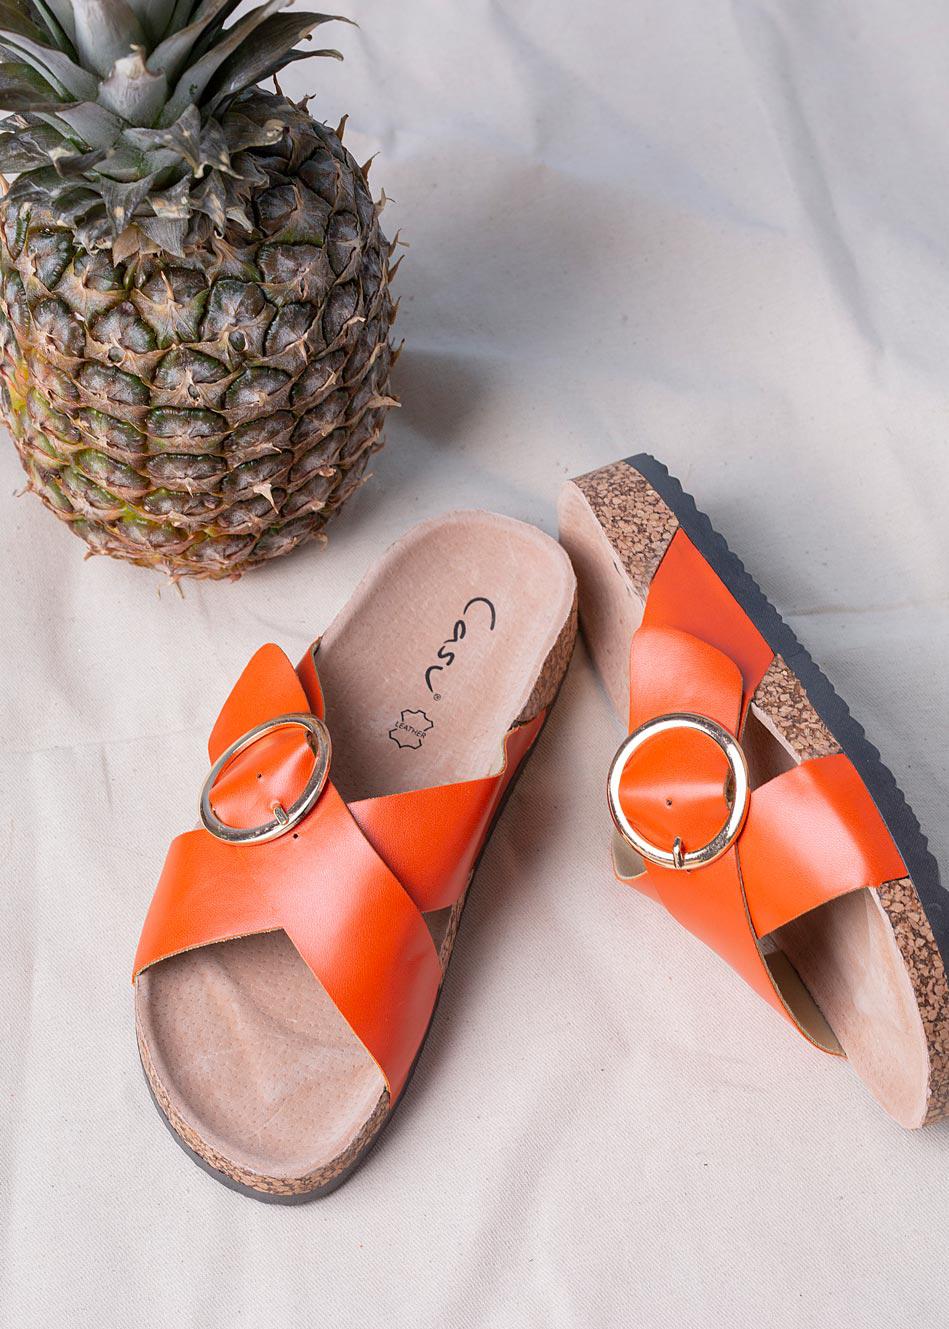 Pomarańczowe klapki z klamerką ze skórzaną wkładką i profilowaną korkową podeszwą Casu H20X9/O pomarańczowy